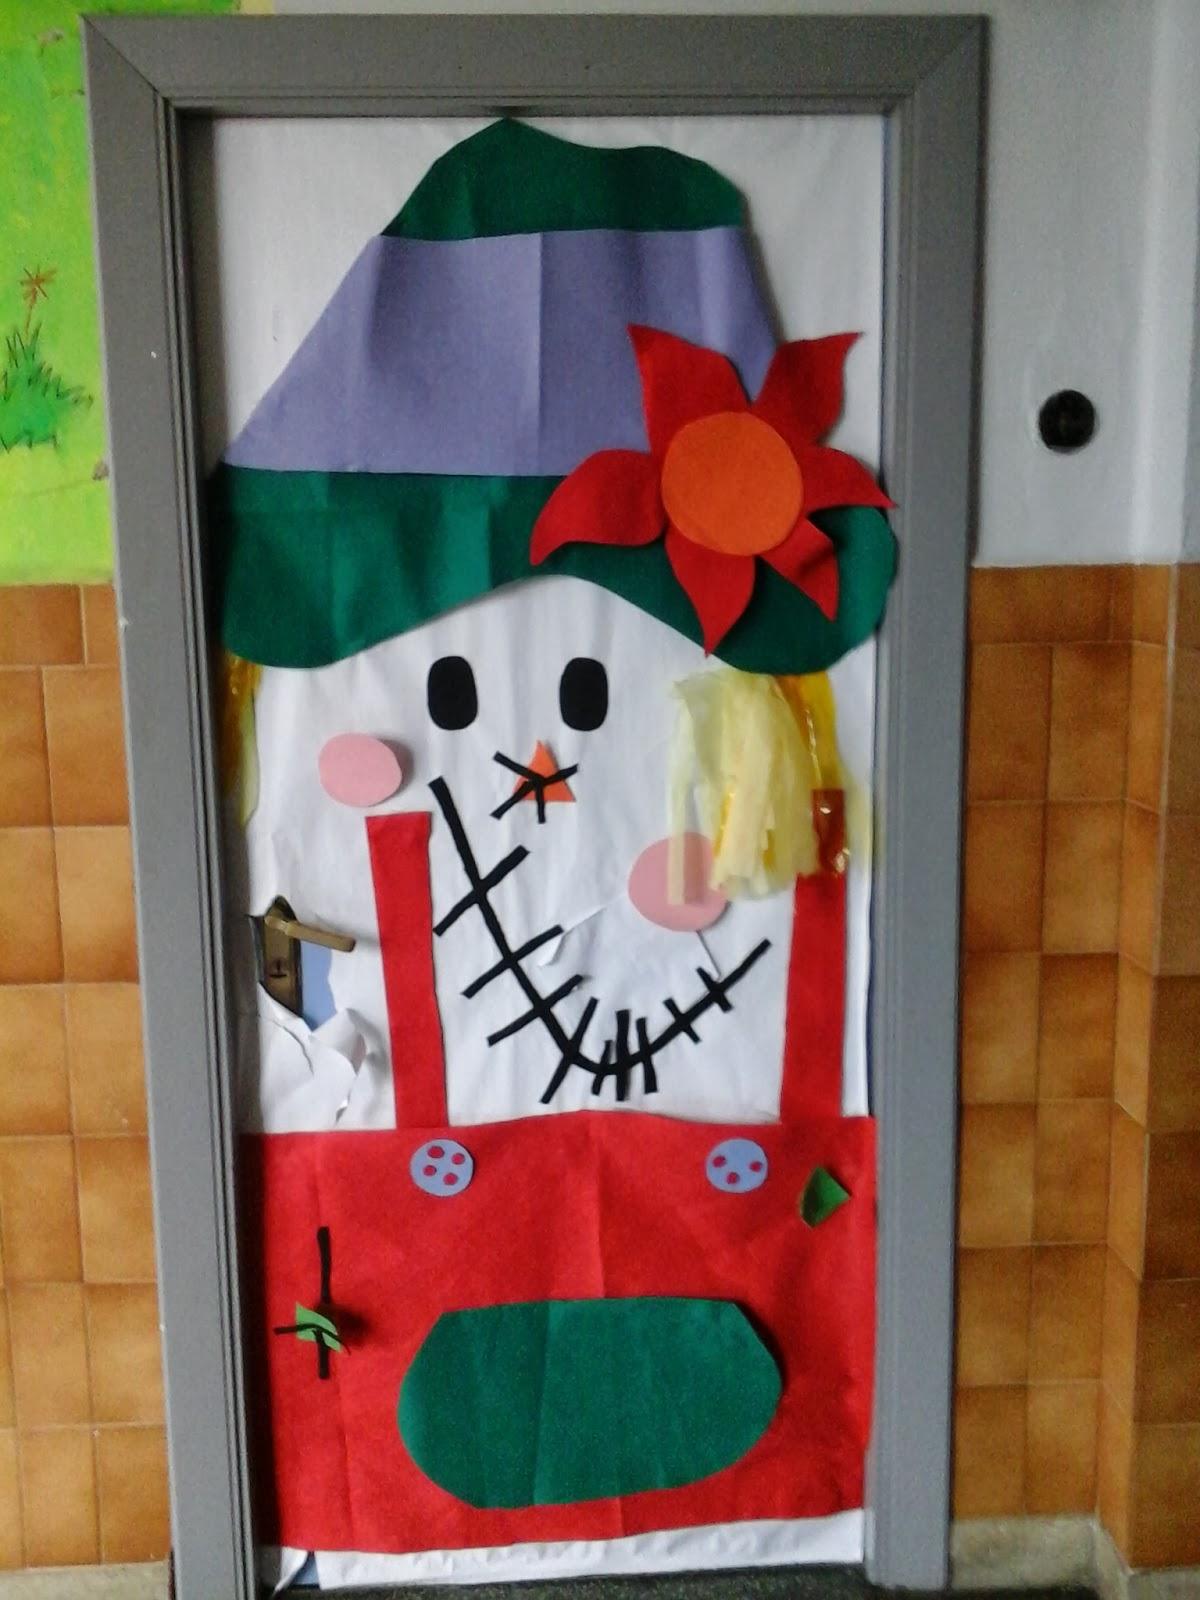 Kala y chas decoraci n de oto o en el colegio for Puertas decoradas navidad material reciclable